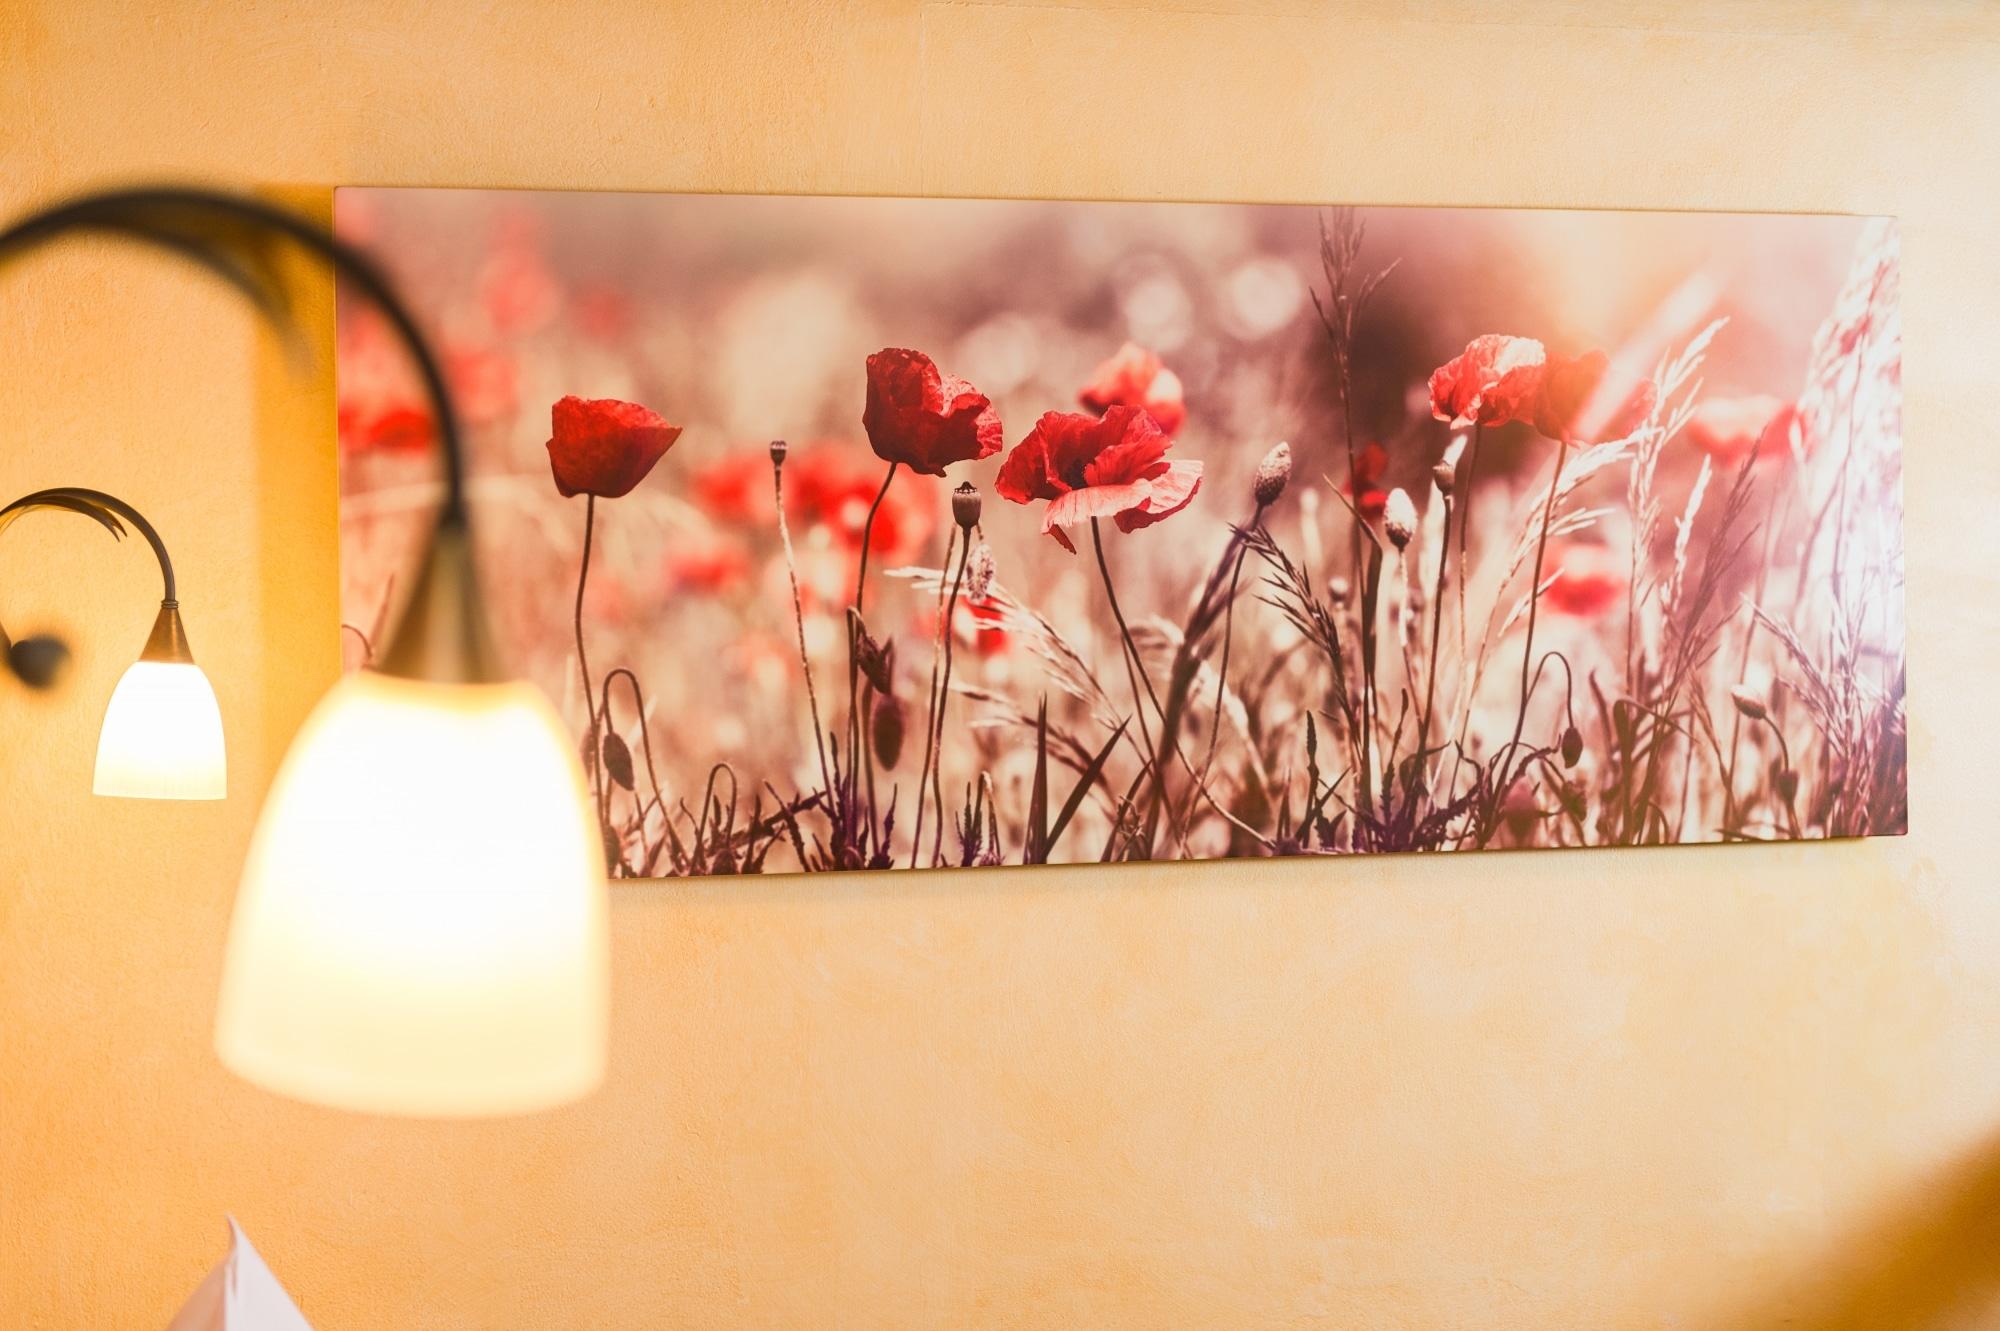 Die Infrarotbildheizung hängend an einer Wand neben einer Lampe